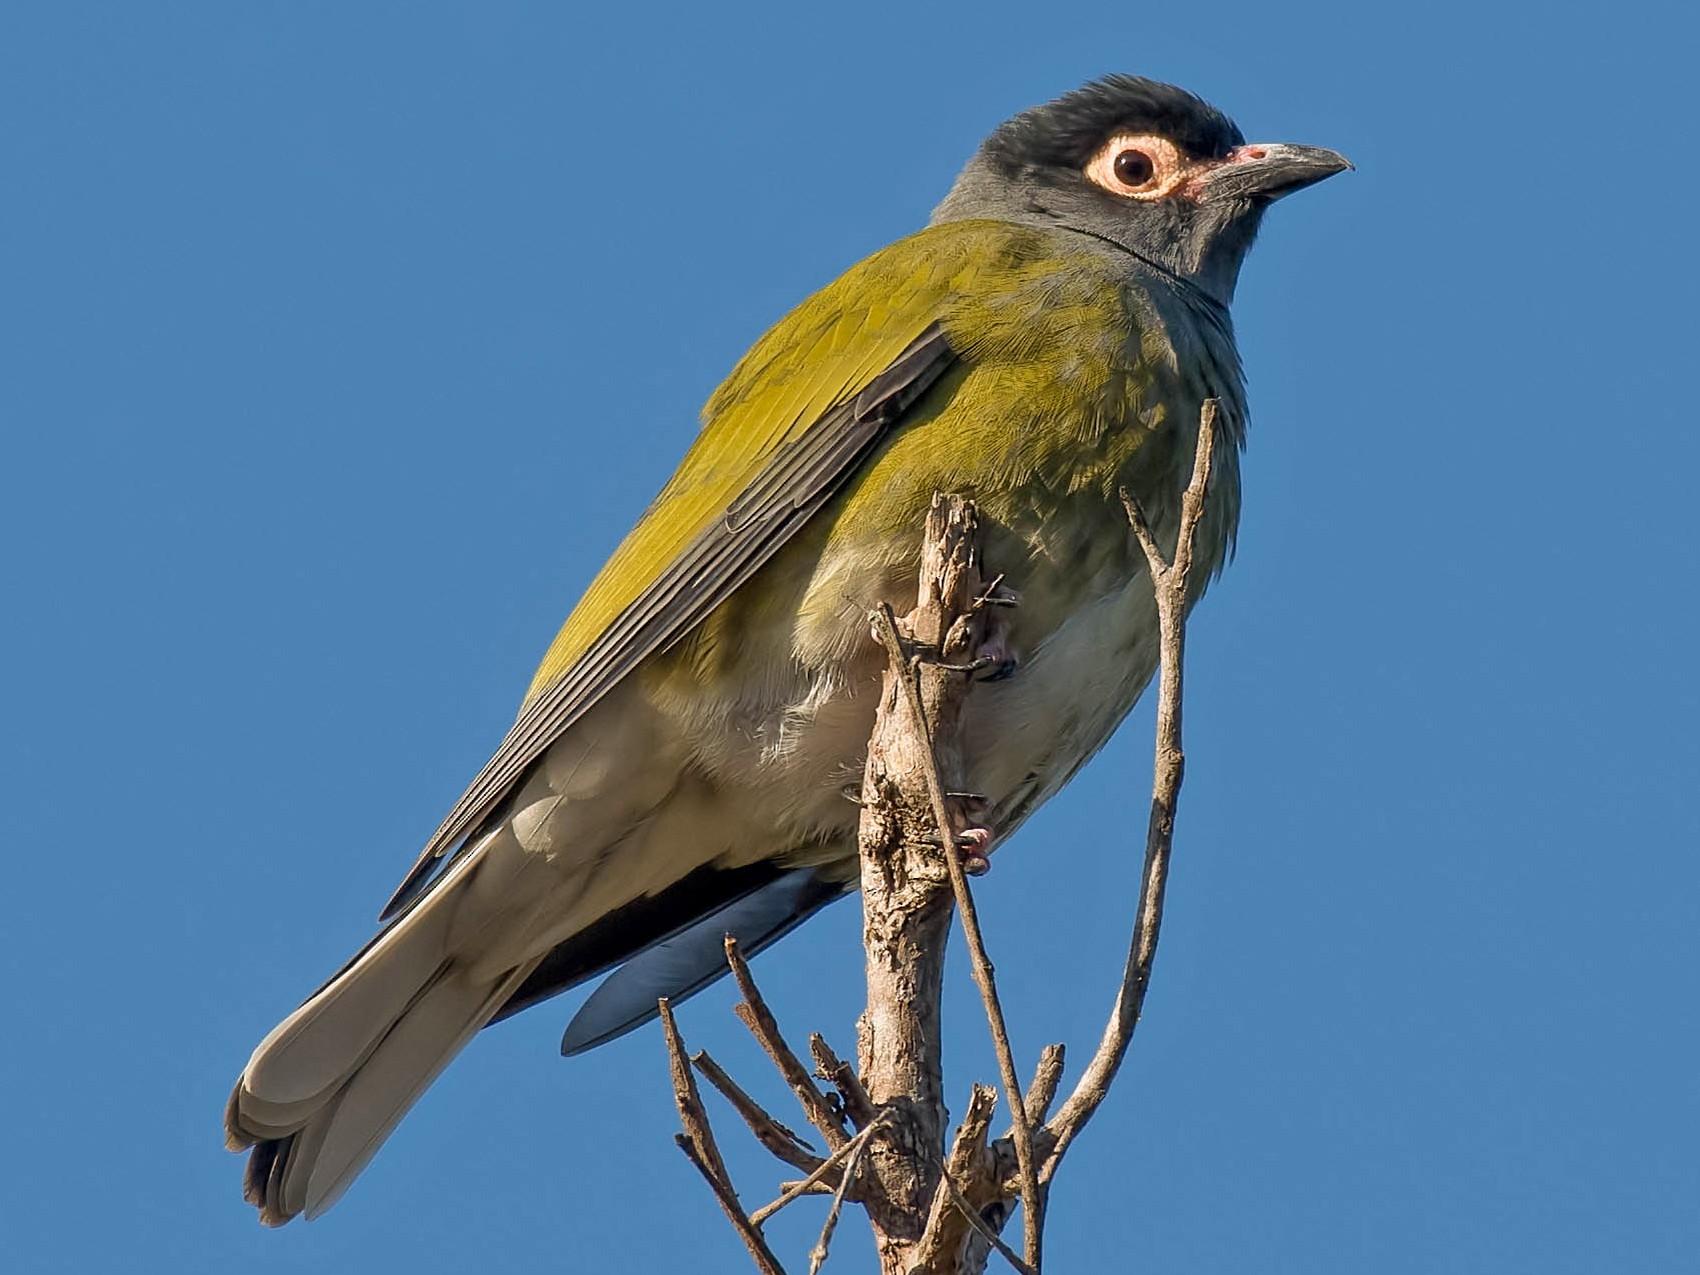 Australasian Figbird - Terence Alexander